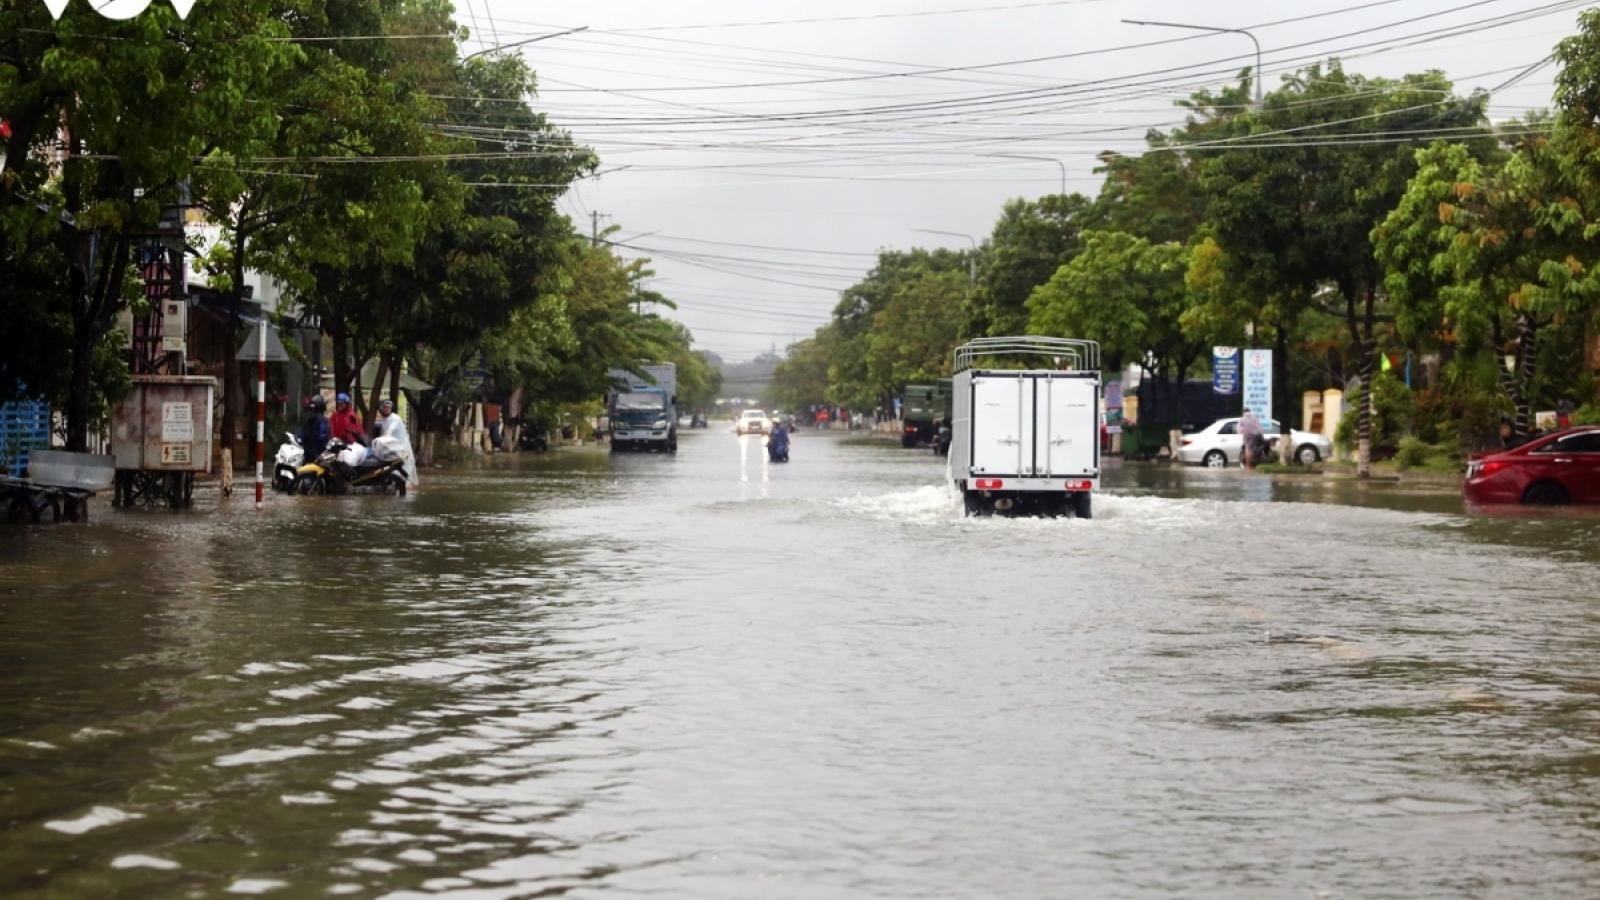 Nước sông Hoài dâng cao phố cổ nguy cơ ngập sâu trong nước